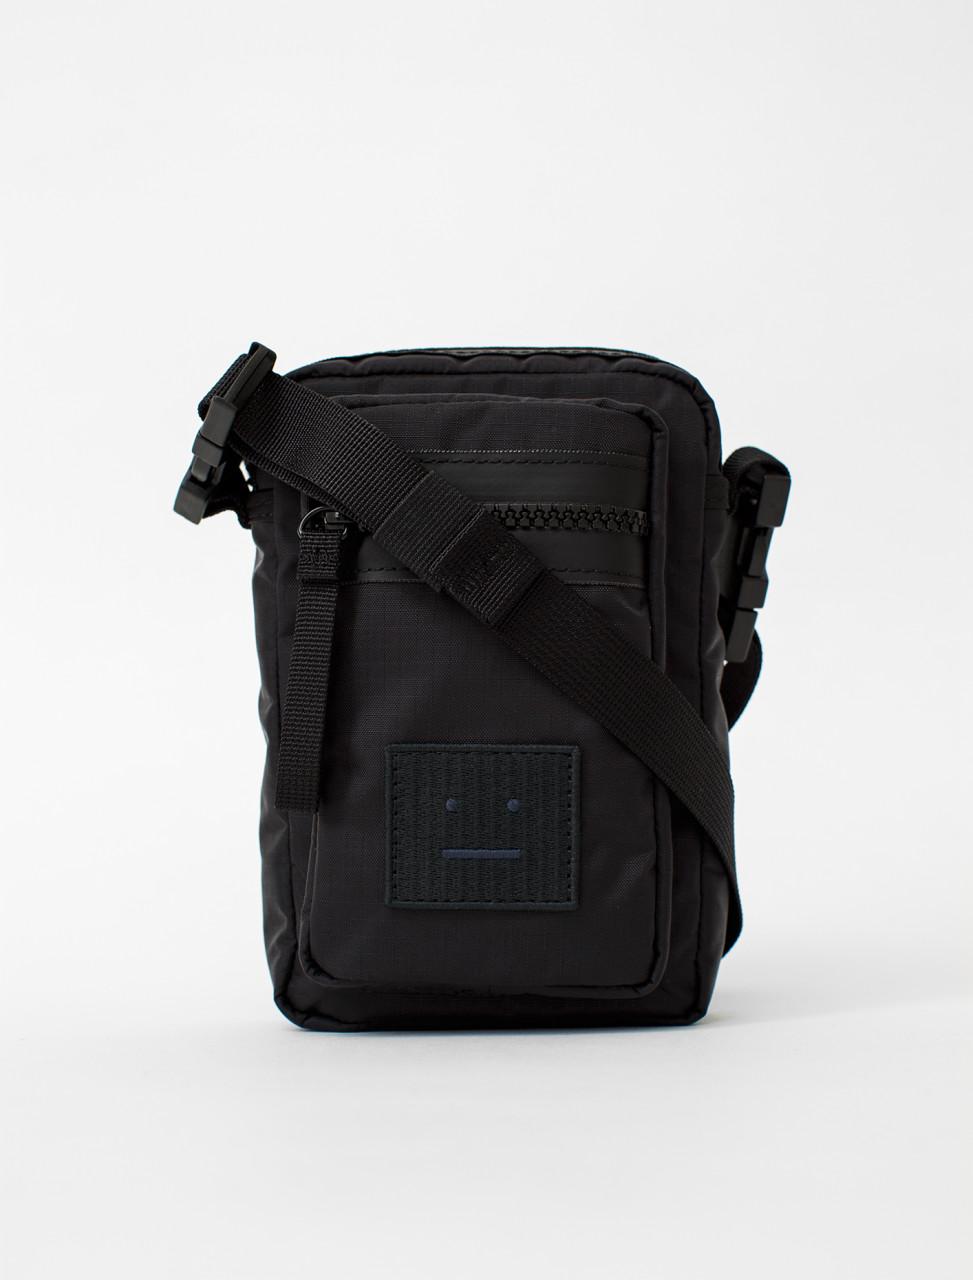 FA-UX-BAGS000008